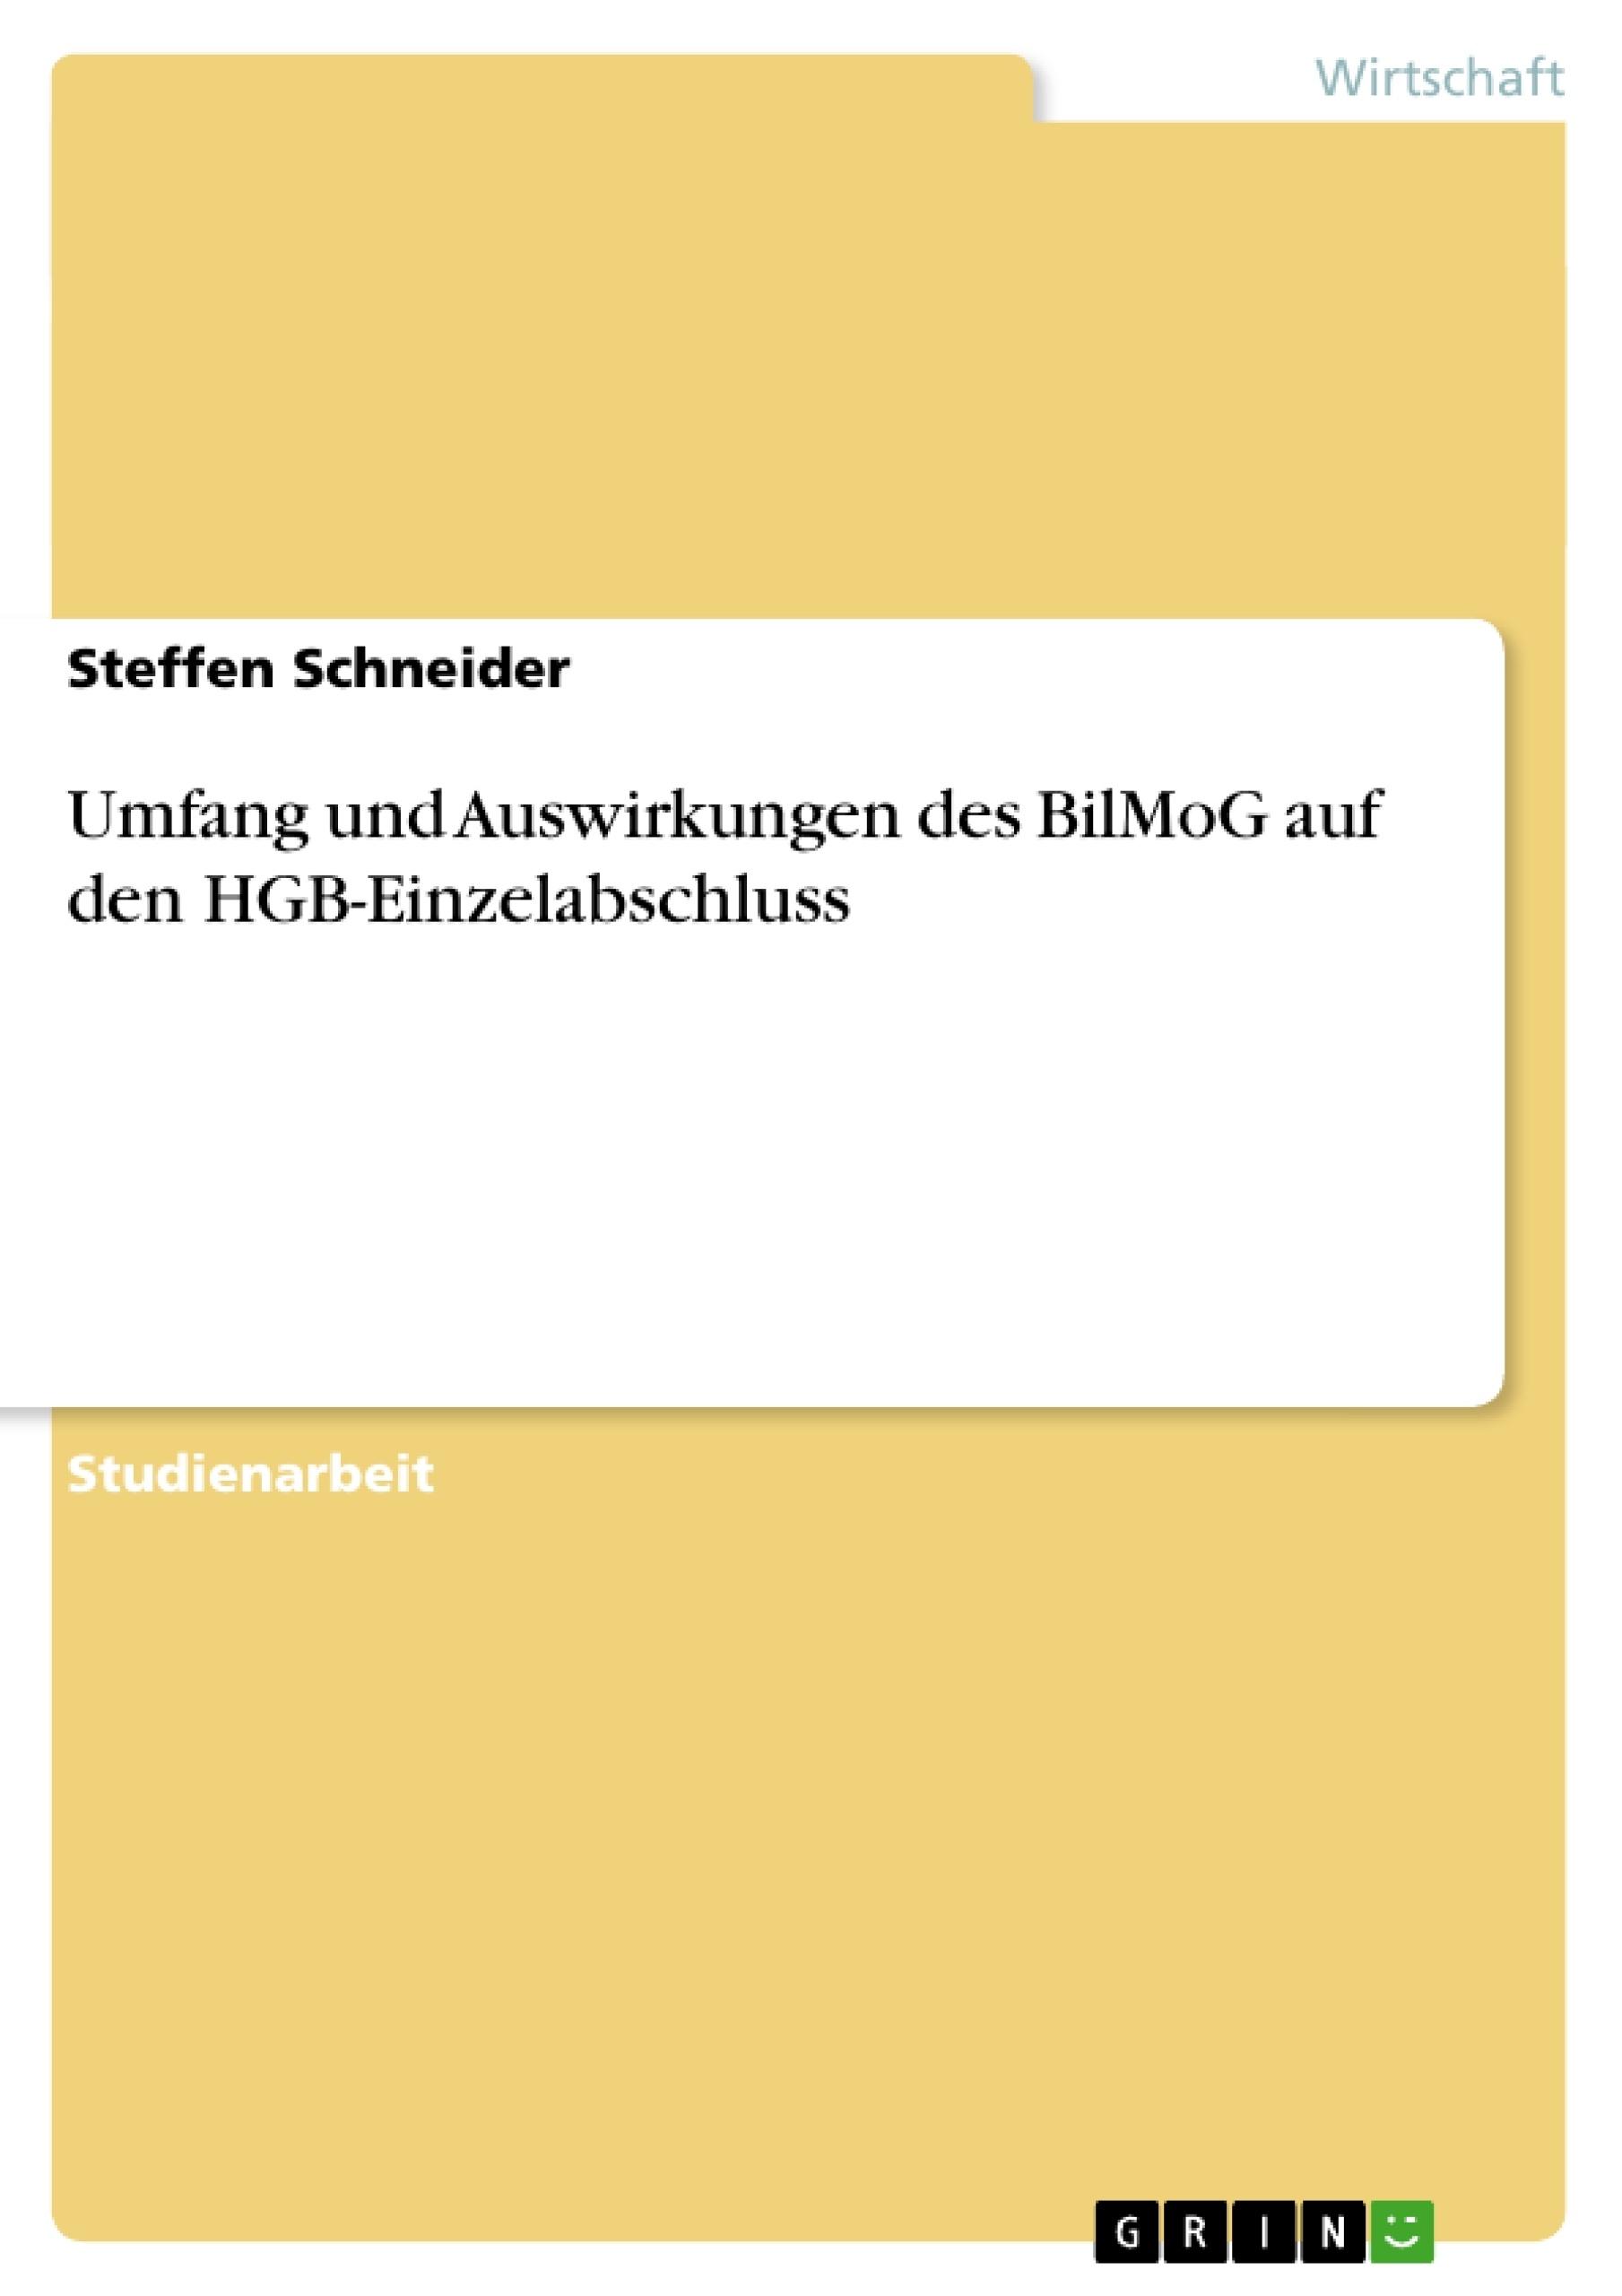 Titel: Umfang und Auswirkungen des BilMoG auf den HGB-Einzelabschluss